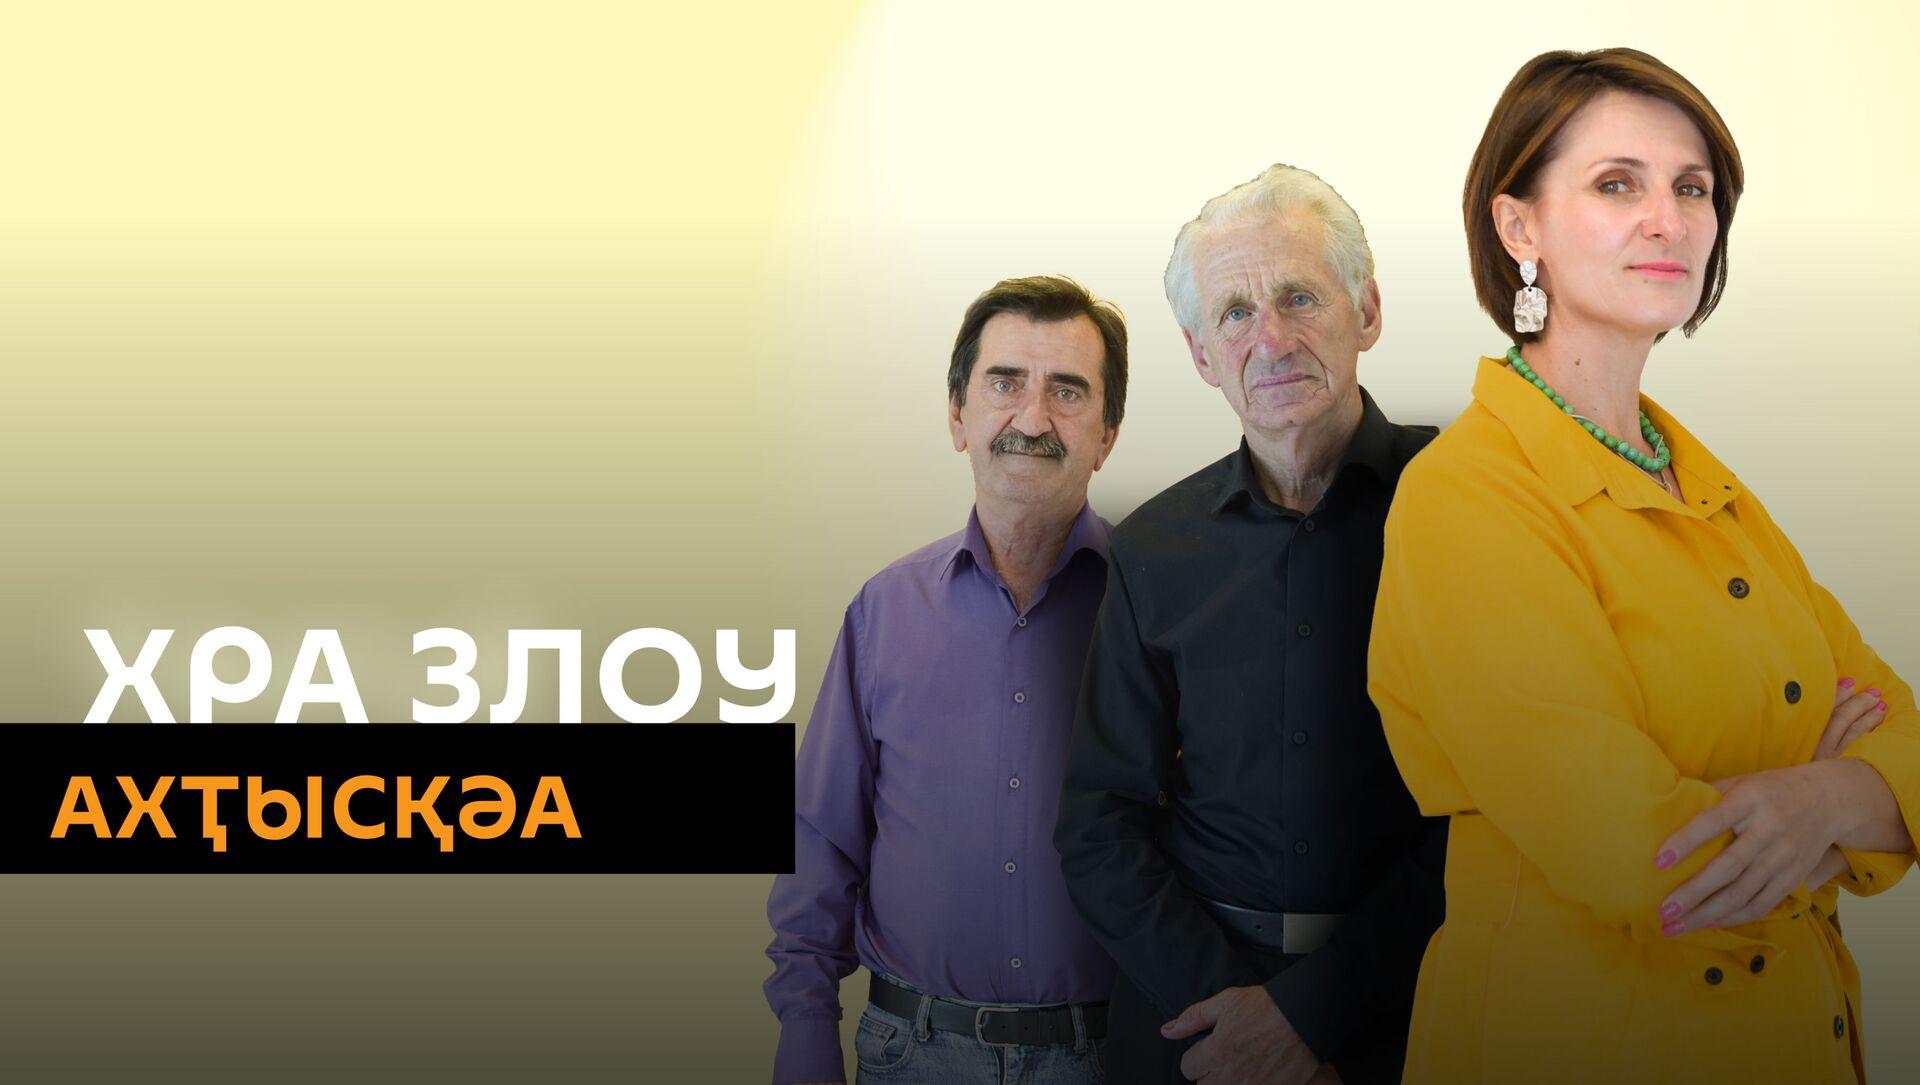 Зураб Ломия и Эдик Квирая - Sputnik Аҧсны, 1920, 13.09.2021